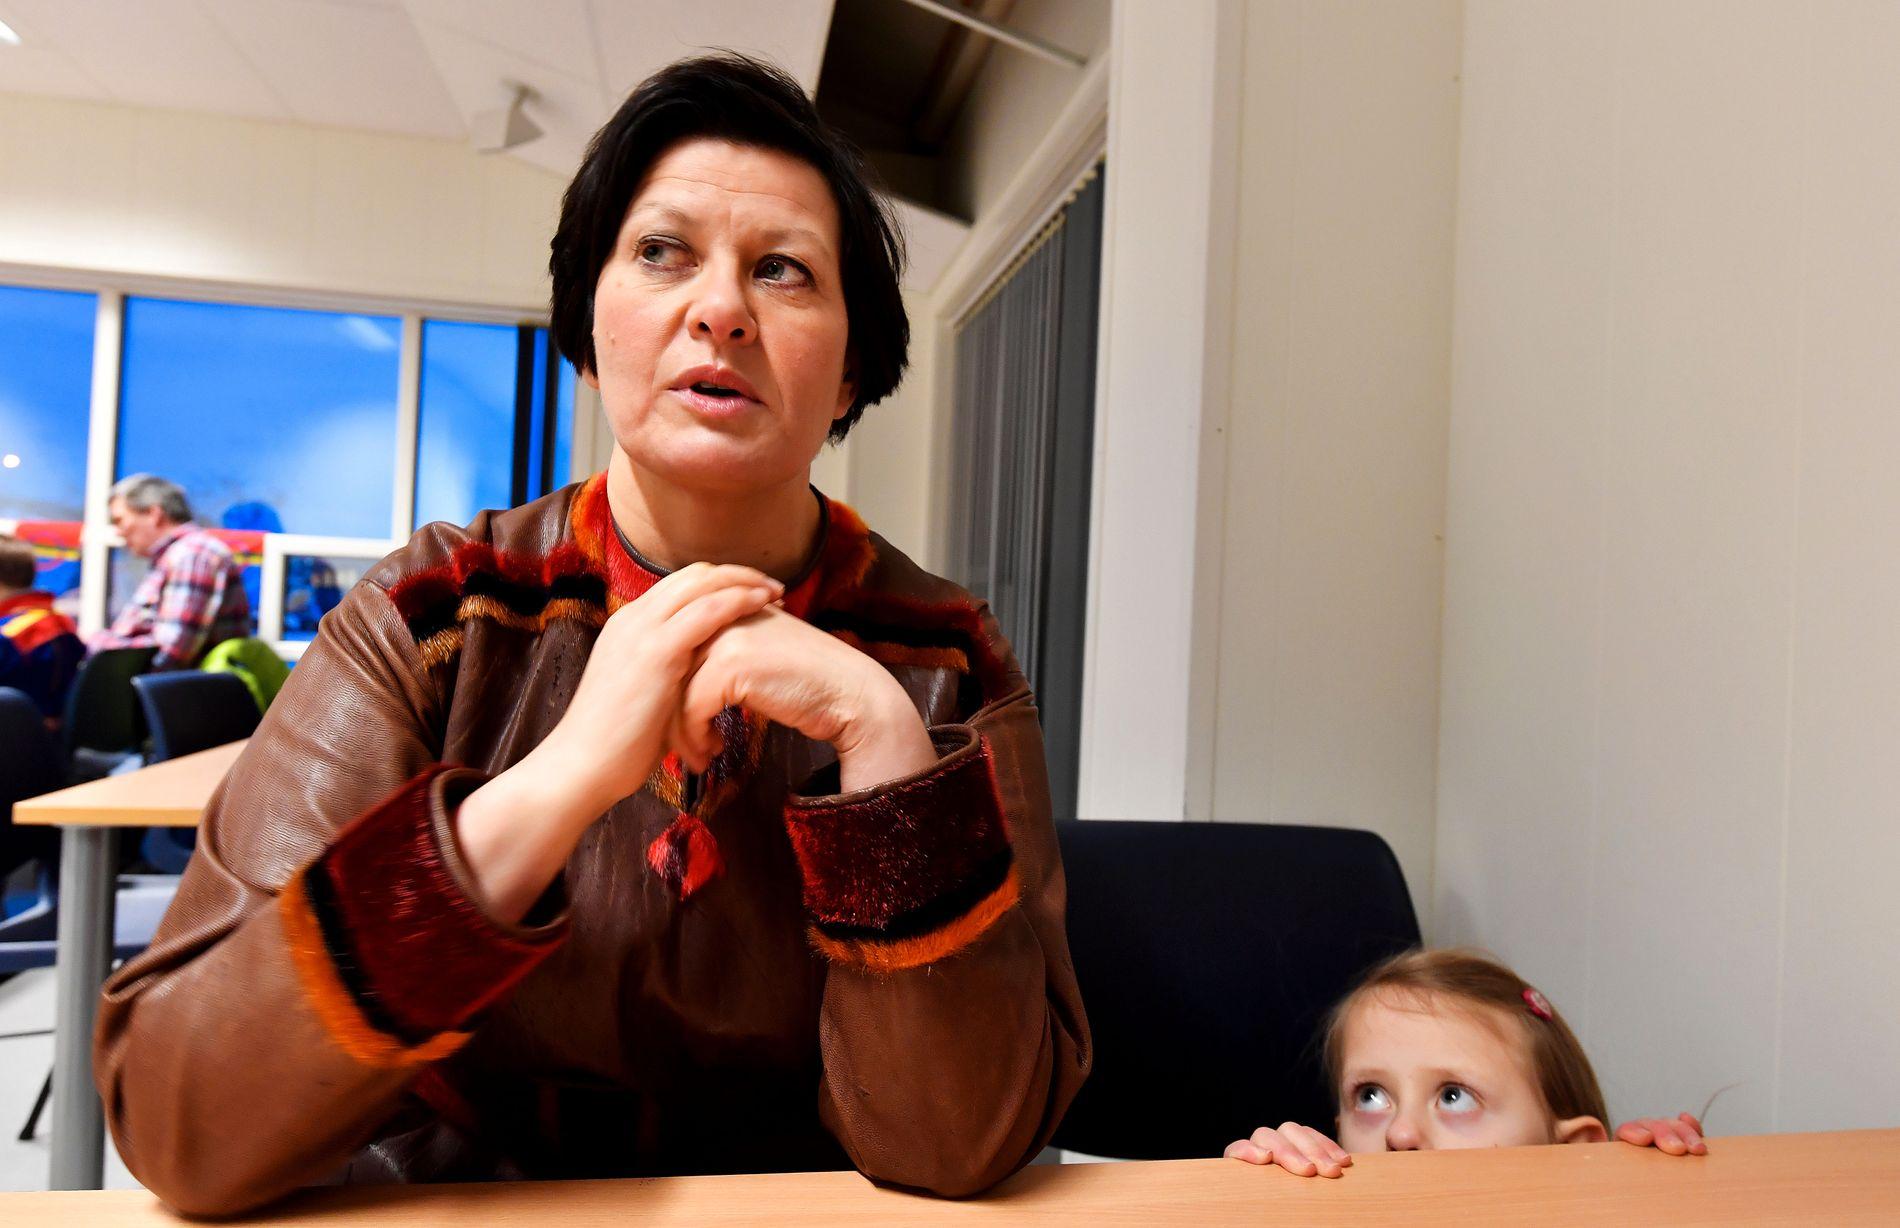 TID TIL MAJA: Helga Pedersen (45) iført samekofte fra Tana gir intervju til VG i kantinen i idrettshallen på Tana bru. Datteren Maja (6) synes nok ikke samtalen er så interessant.